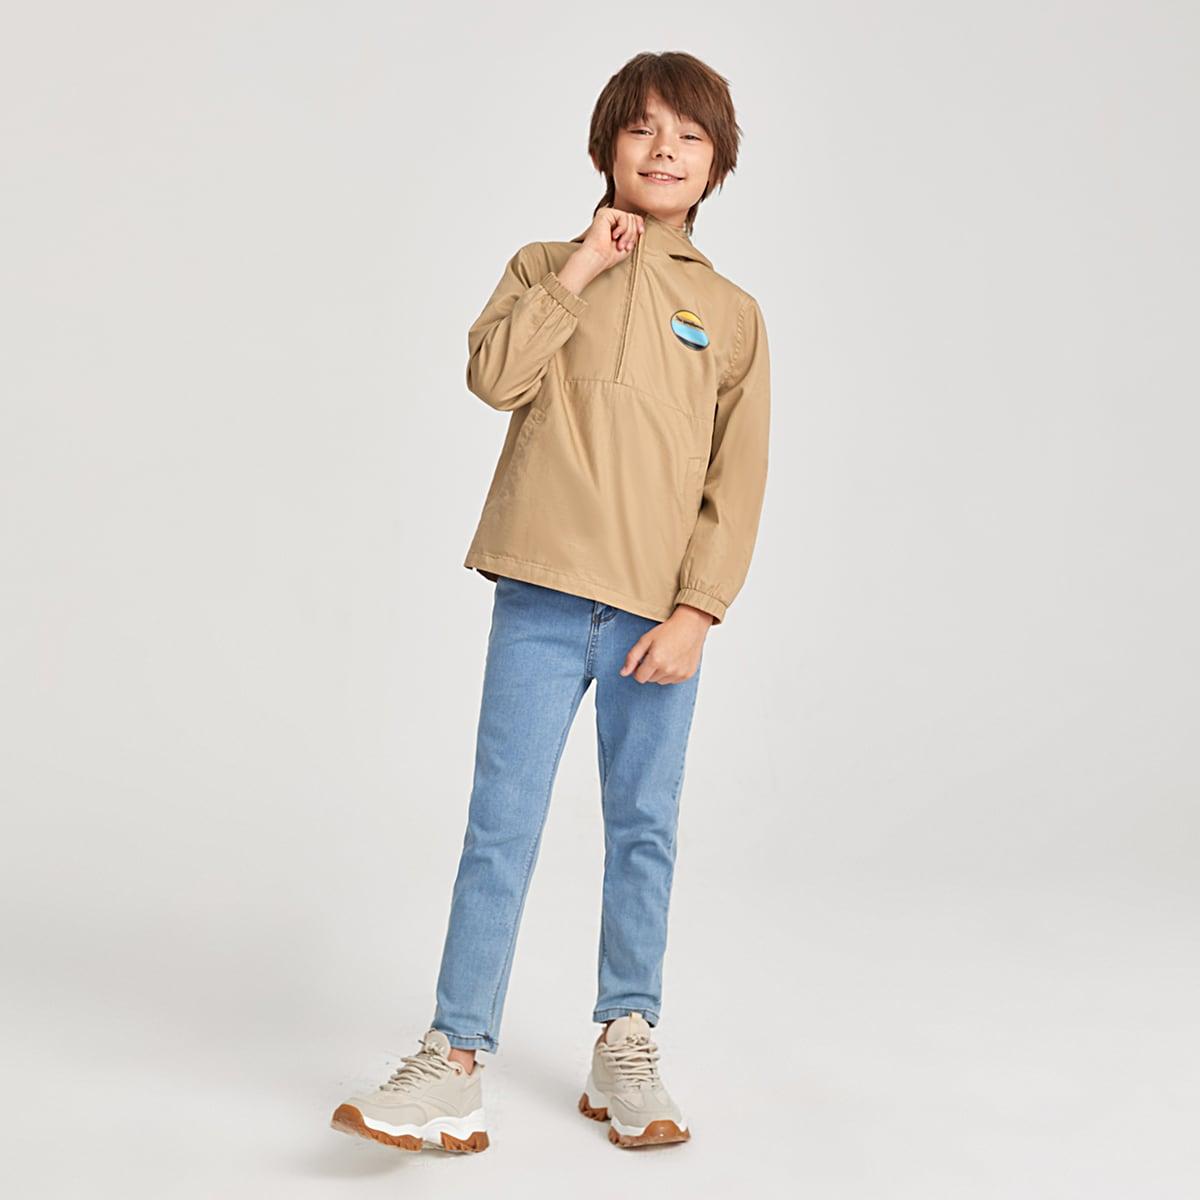 Куртка-ветровка с капюшоном и текстовым принтом для мальчиков от SHEIN